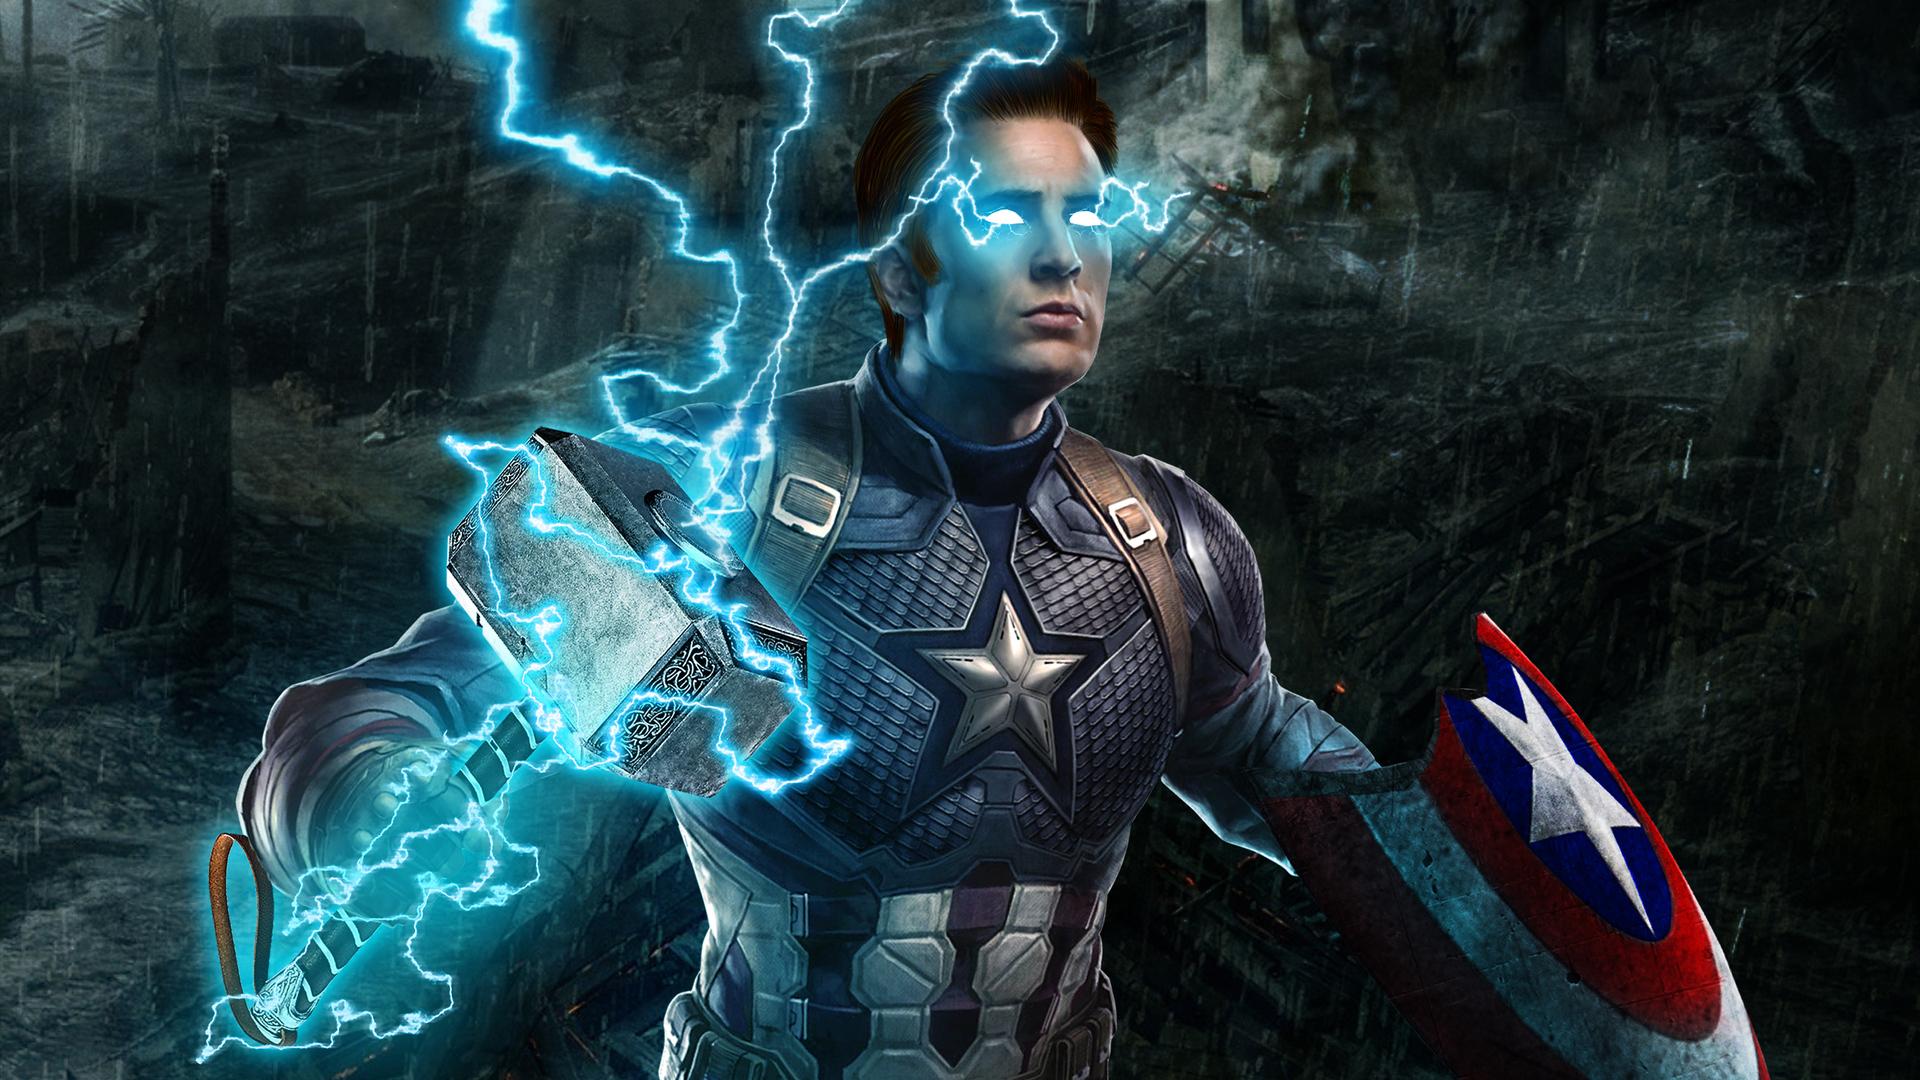 1920x1080 Captain America Mjolnir Avengers Endgame 4k ...